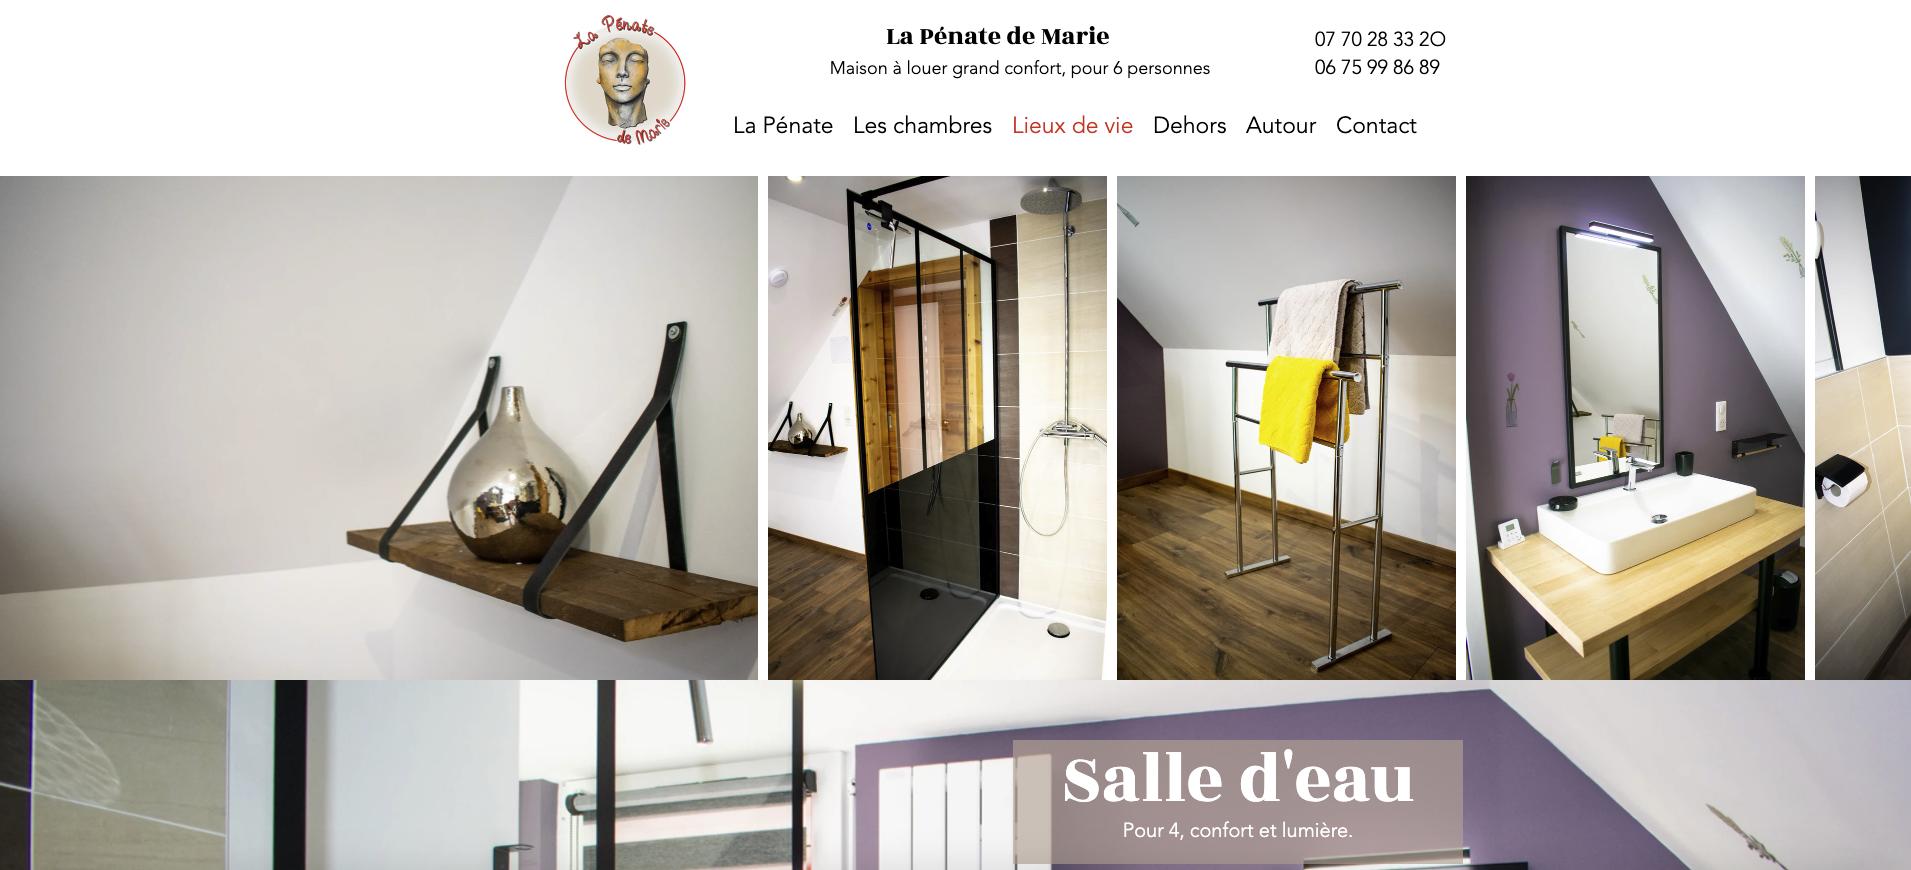 La Pénate de Marie maison grand confort à louer saint Maurice sur Moselle